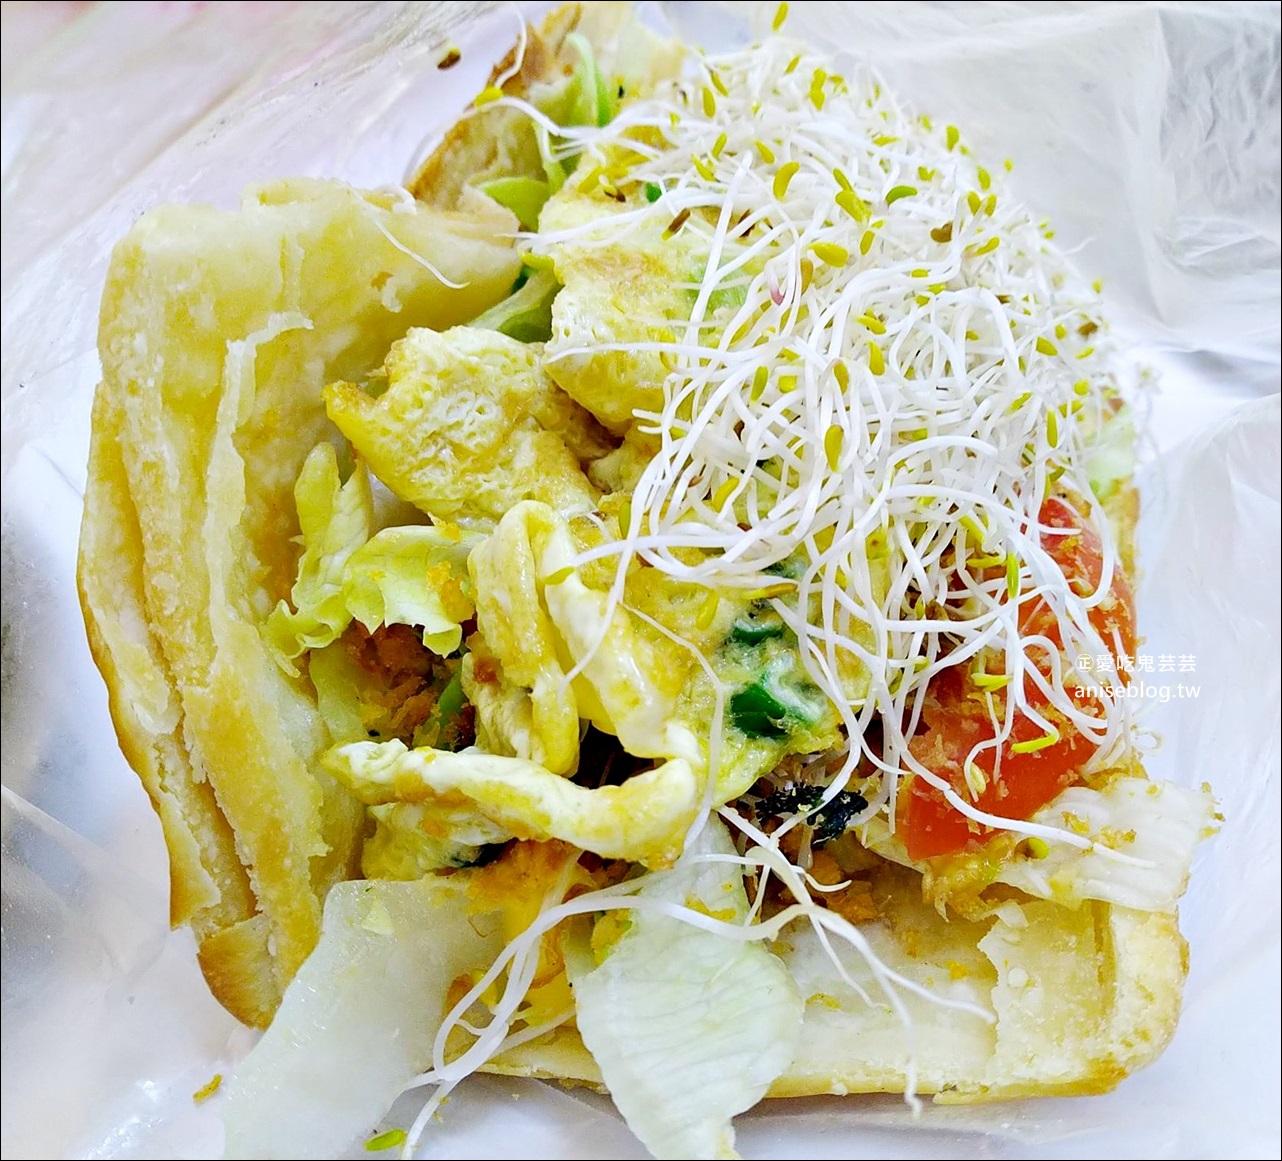 永新豆漿,永和在地推薦超人氣巷弄排隊早餐美食,美味胡椒餅蛋,永和美食(姊姊食記)